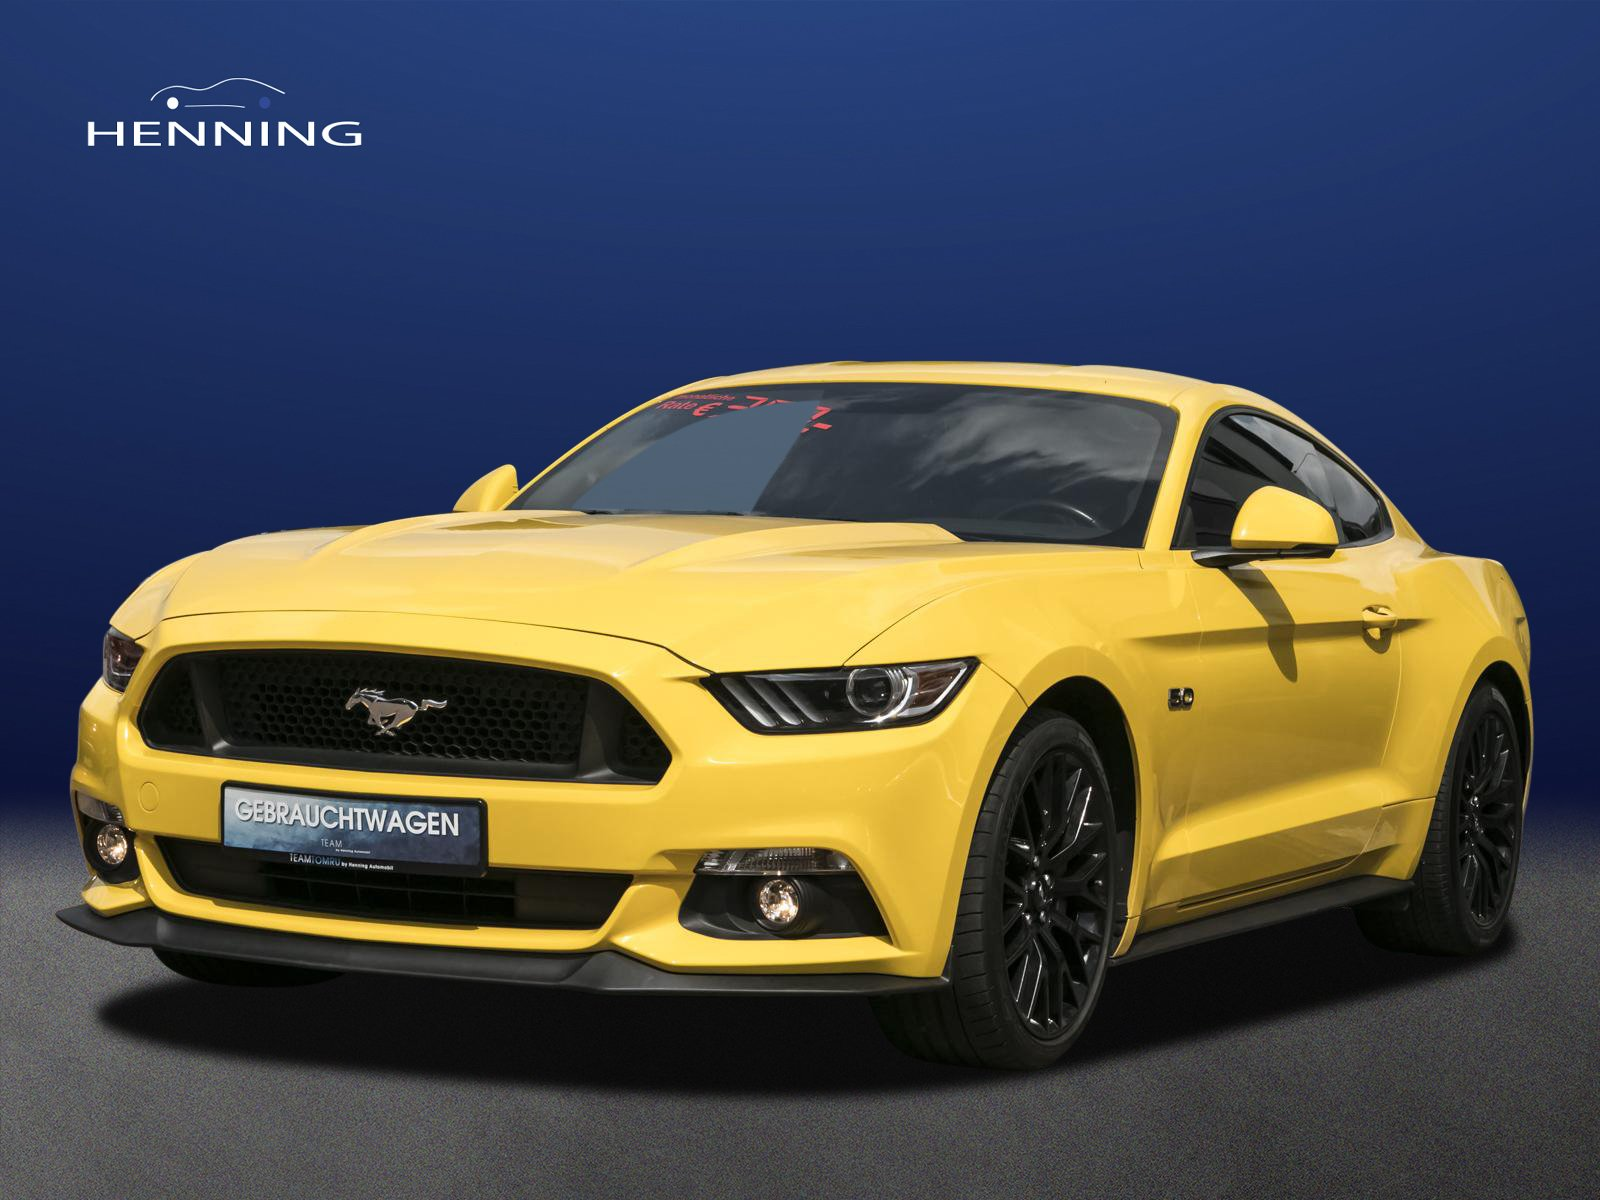 Ford Mustang 5.0 V8 GT*Deutsches FZG*Recaro*Unfallfre, Jahr 2017, Benzin